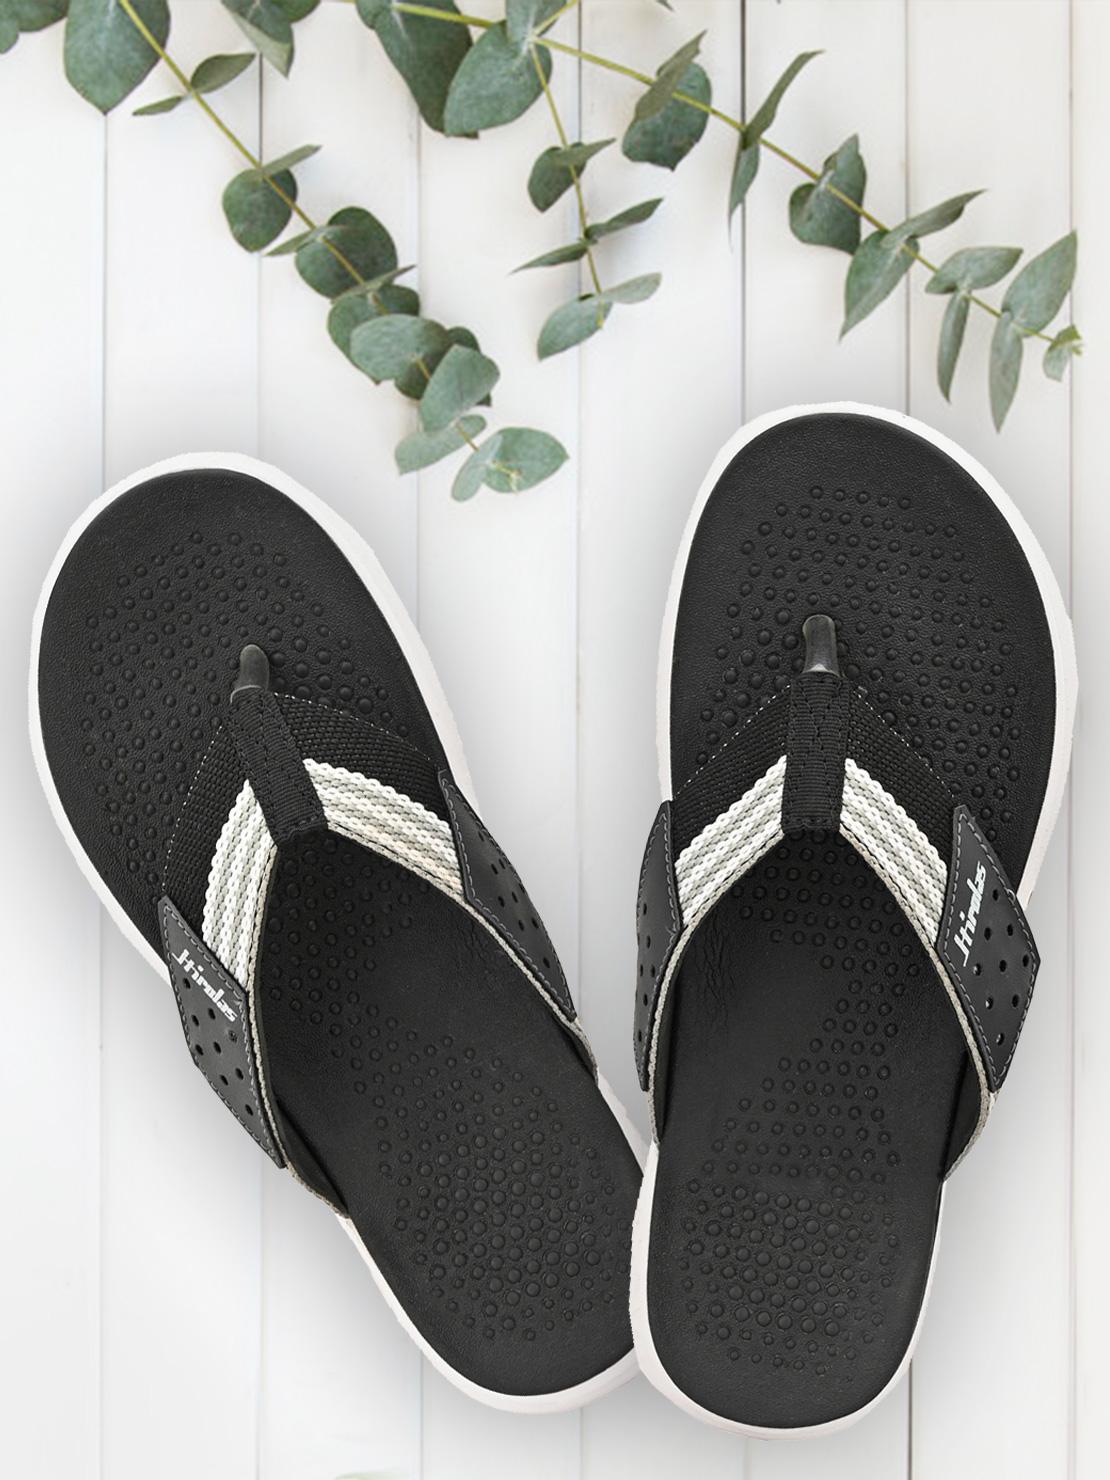 Hirolas | HIROLAS CLOUDWALK | Comfortable | Ultra-Soft | Light-Weight | Shock Absorbent | Bounce Back Technology | Water-Resistant | Flip Flops | Slippers for Men - Black/Grey